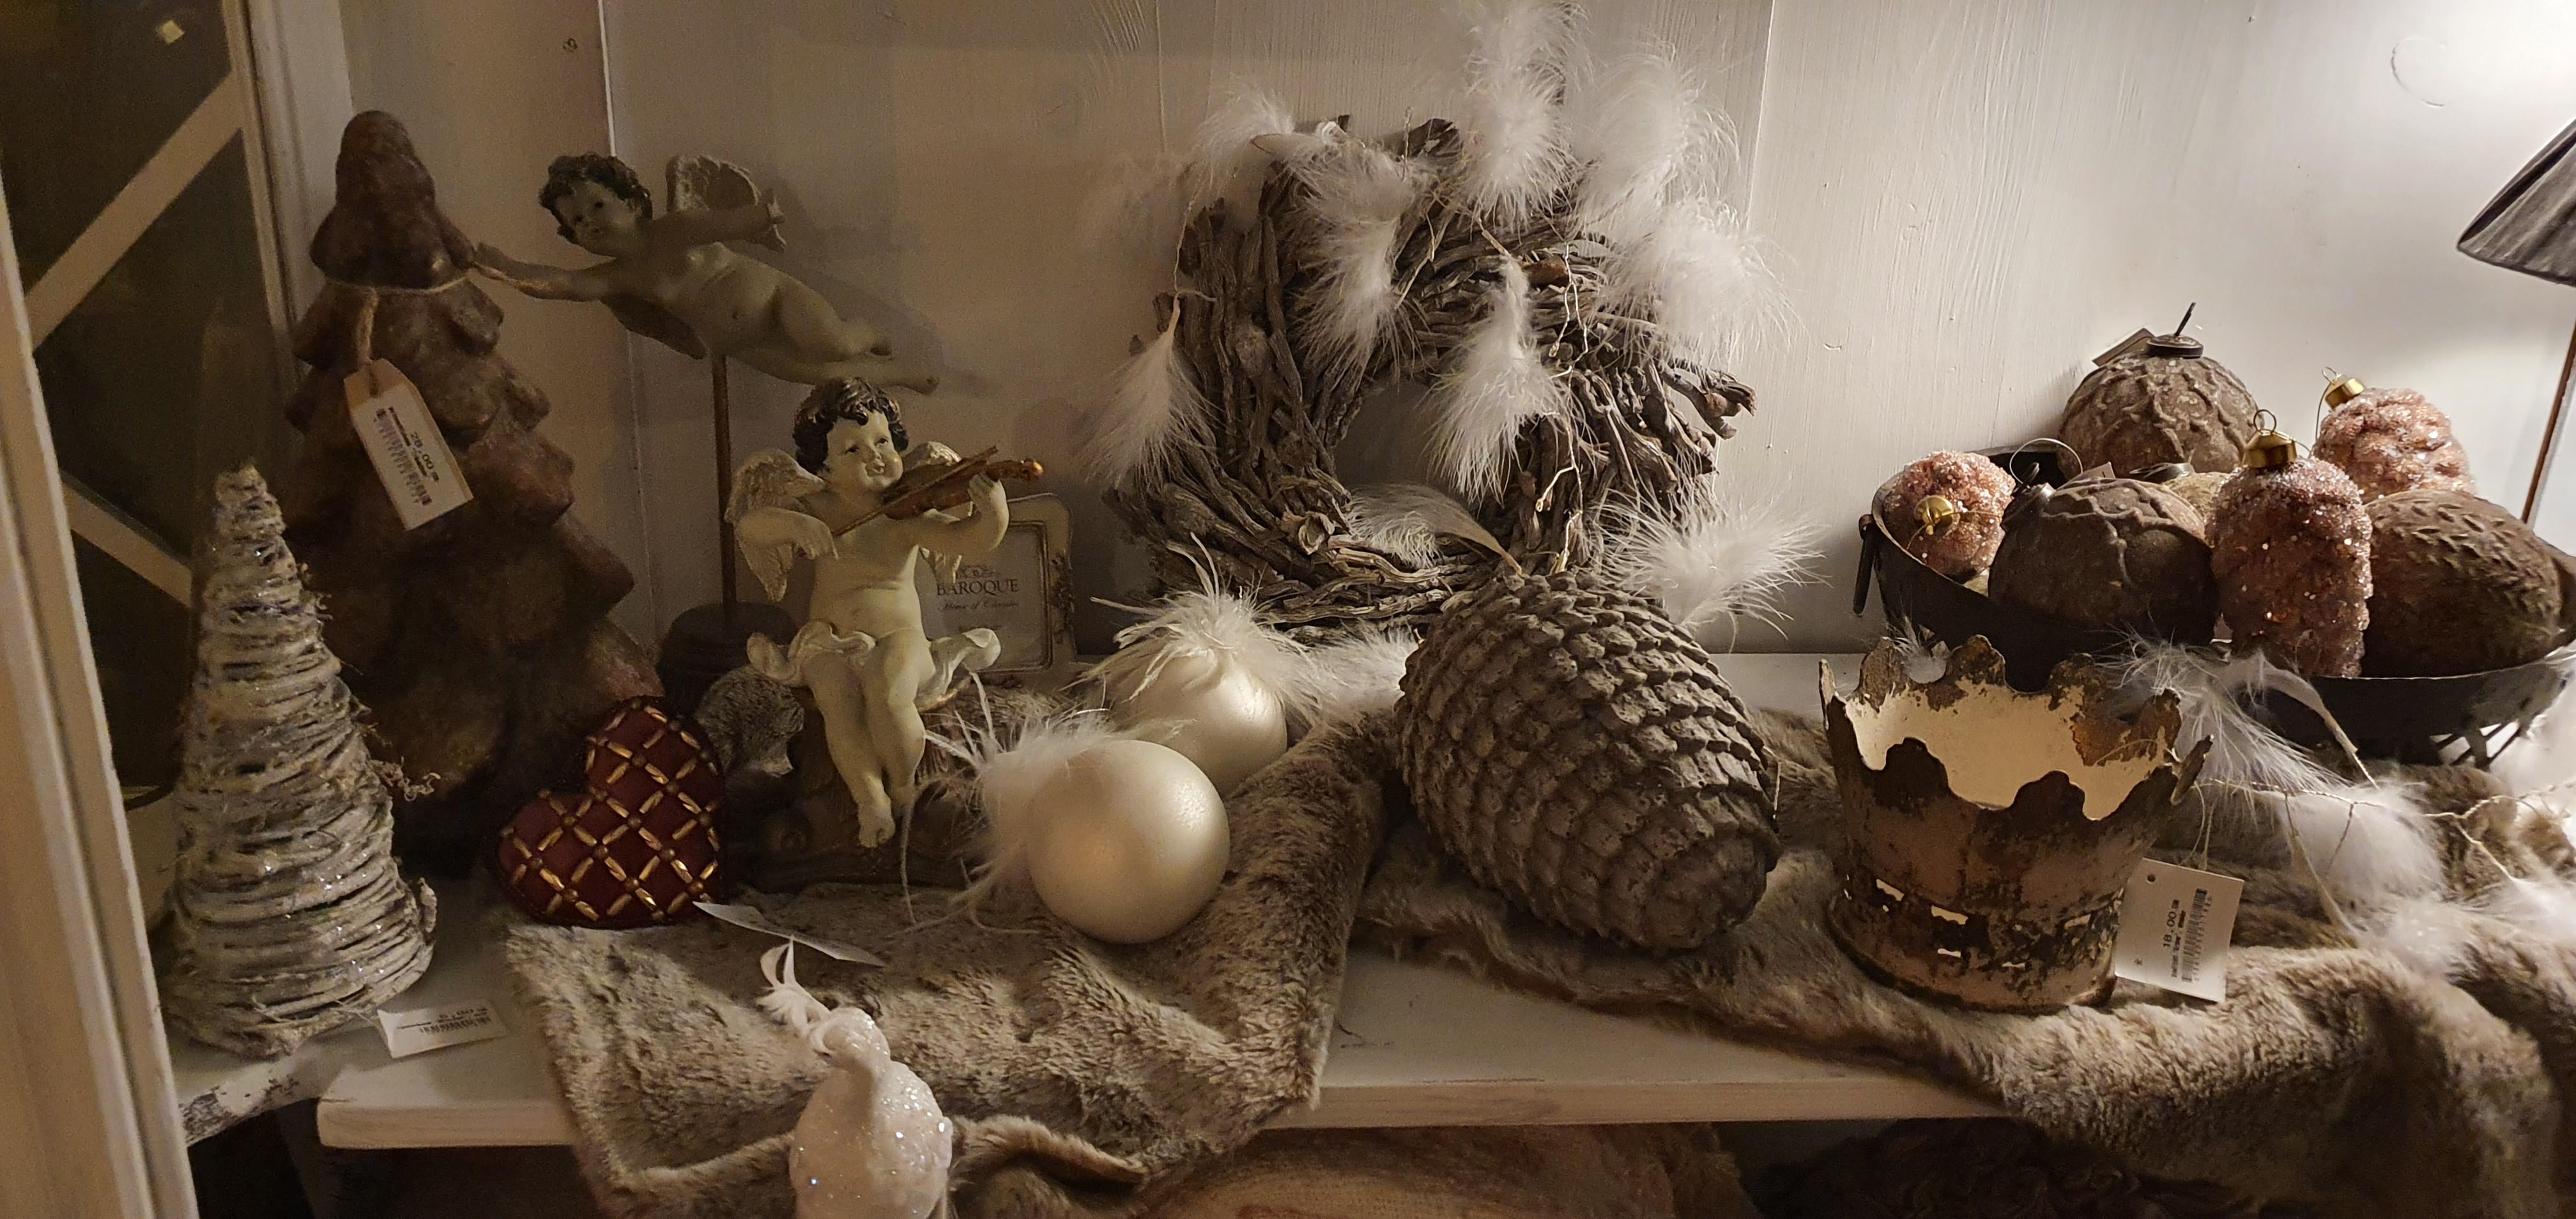 Ein seltsames Weihnachtsfest kommt da auf uns zu